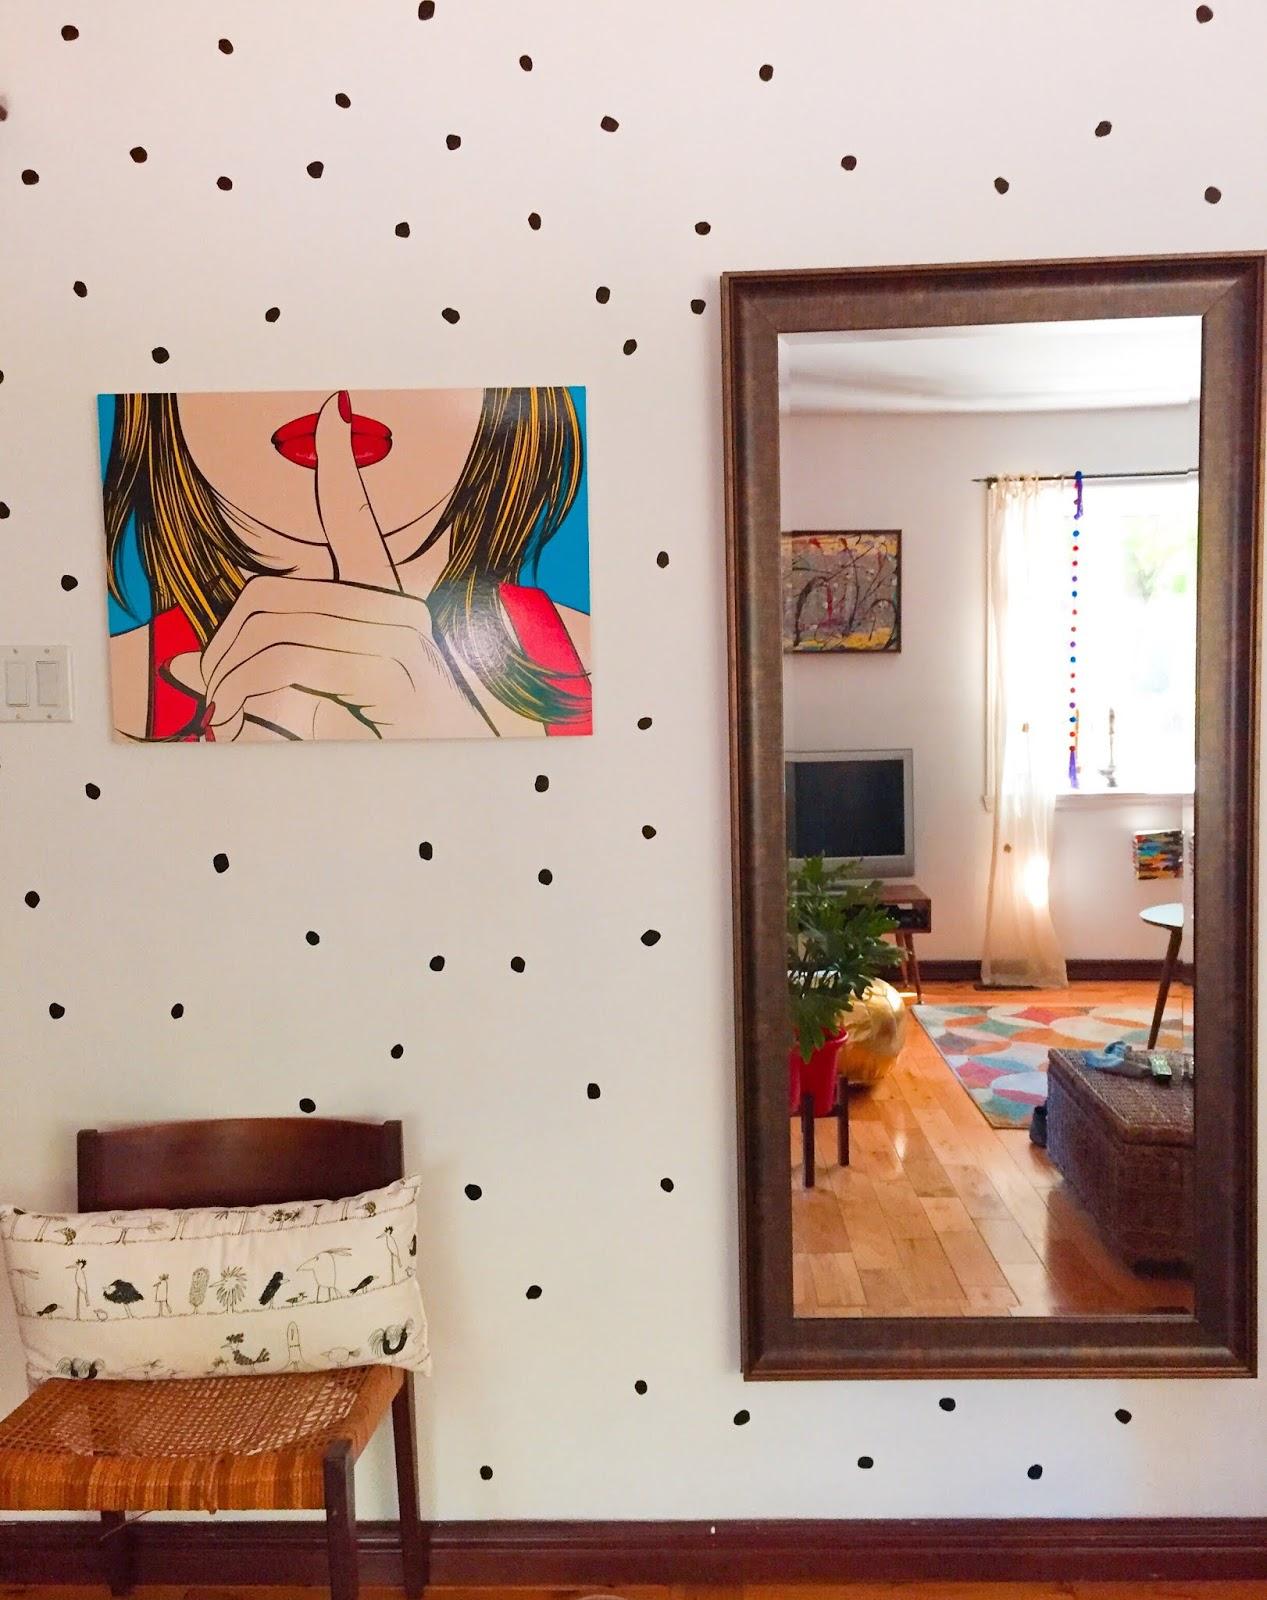 Ideas faciles y sencillas para refrescar la decoración de la casa